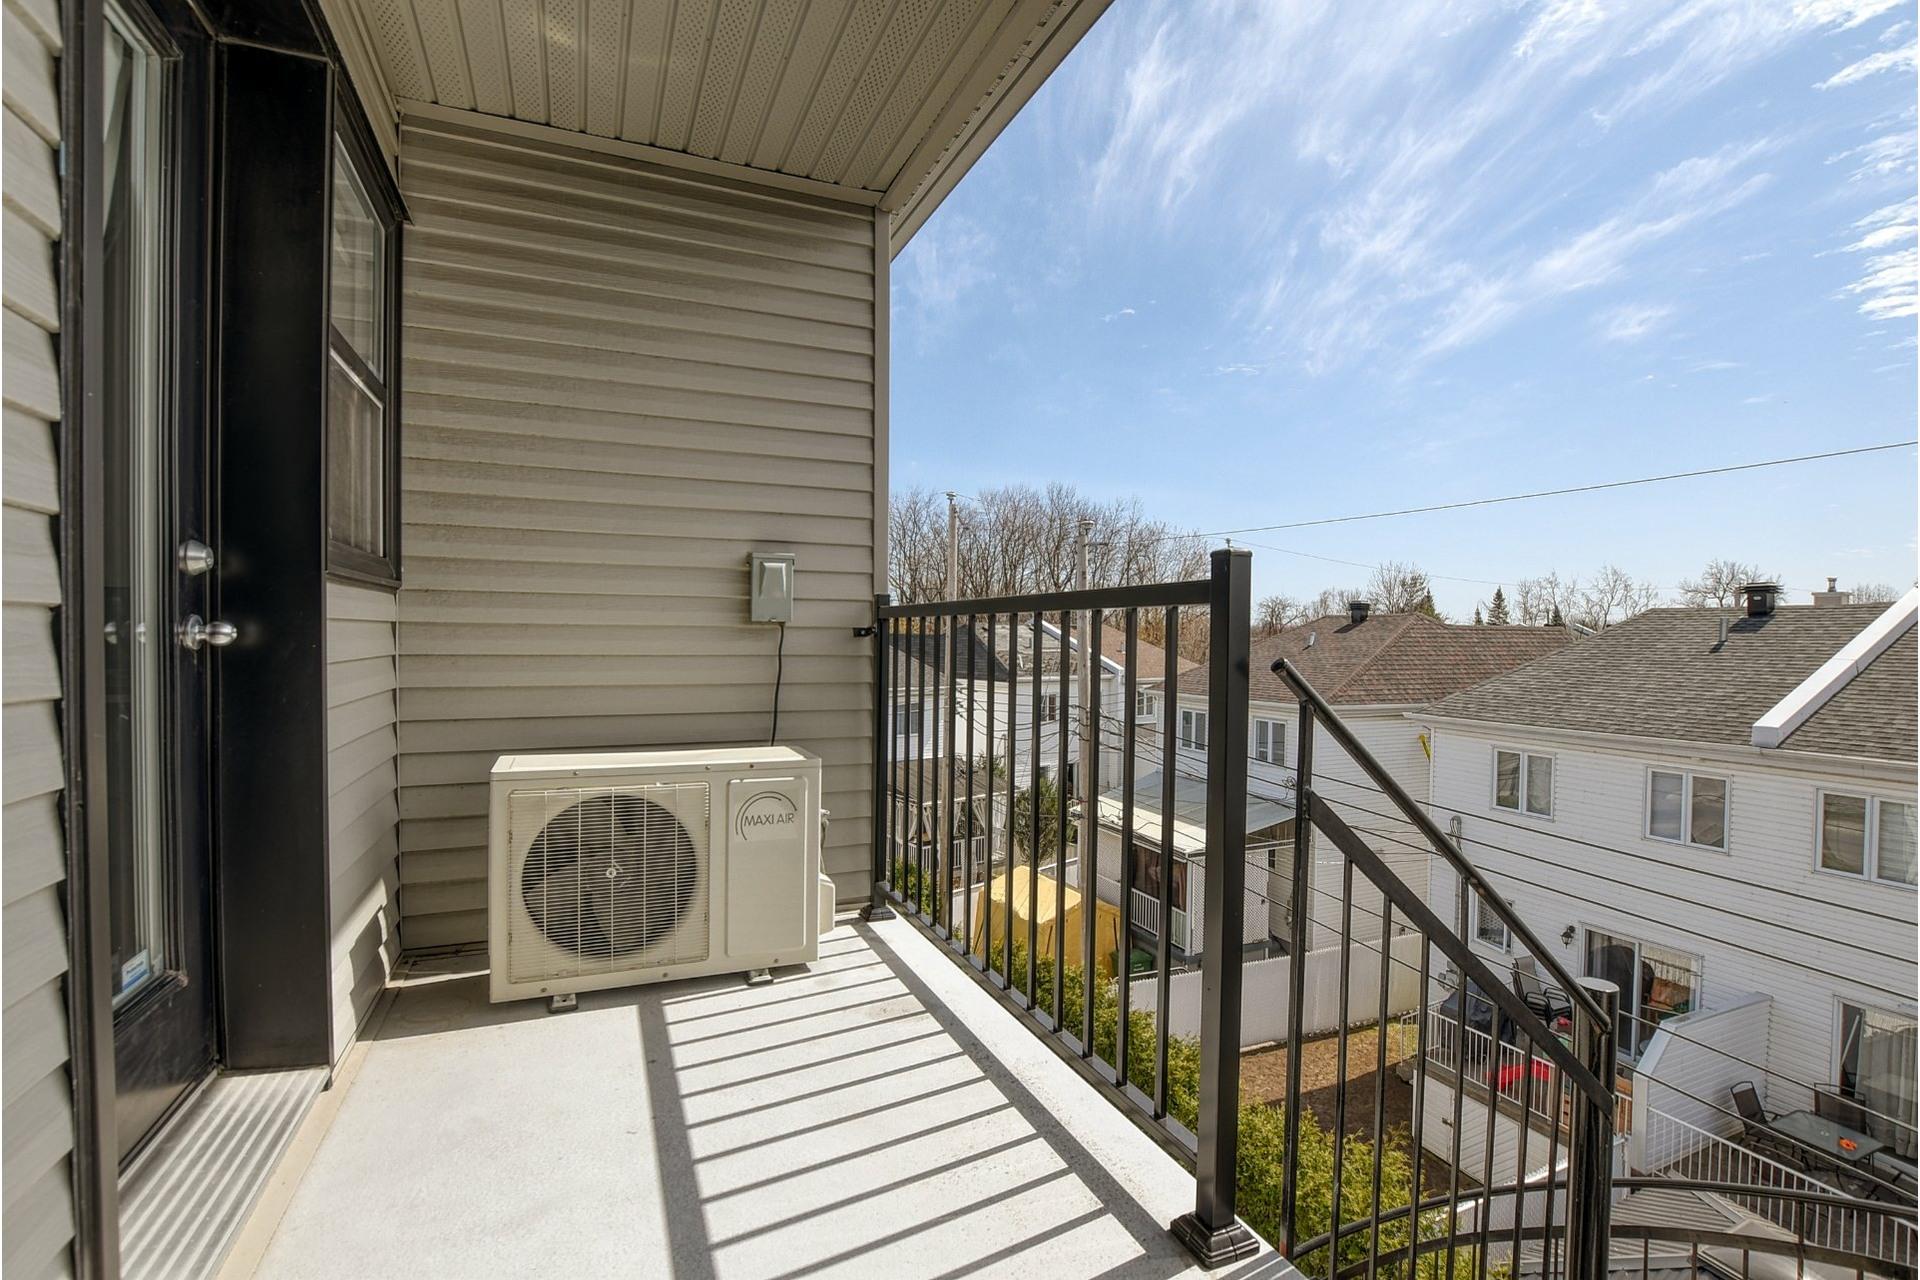 image 20 - Appartement À vendre Rivière-des-Prairies/Pointe-aux-Trembles Montréal  - 11 pièces